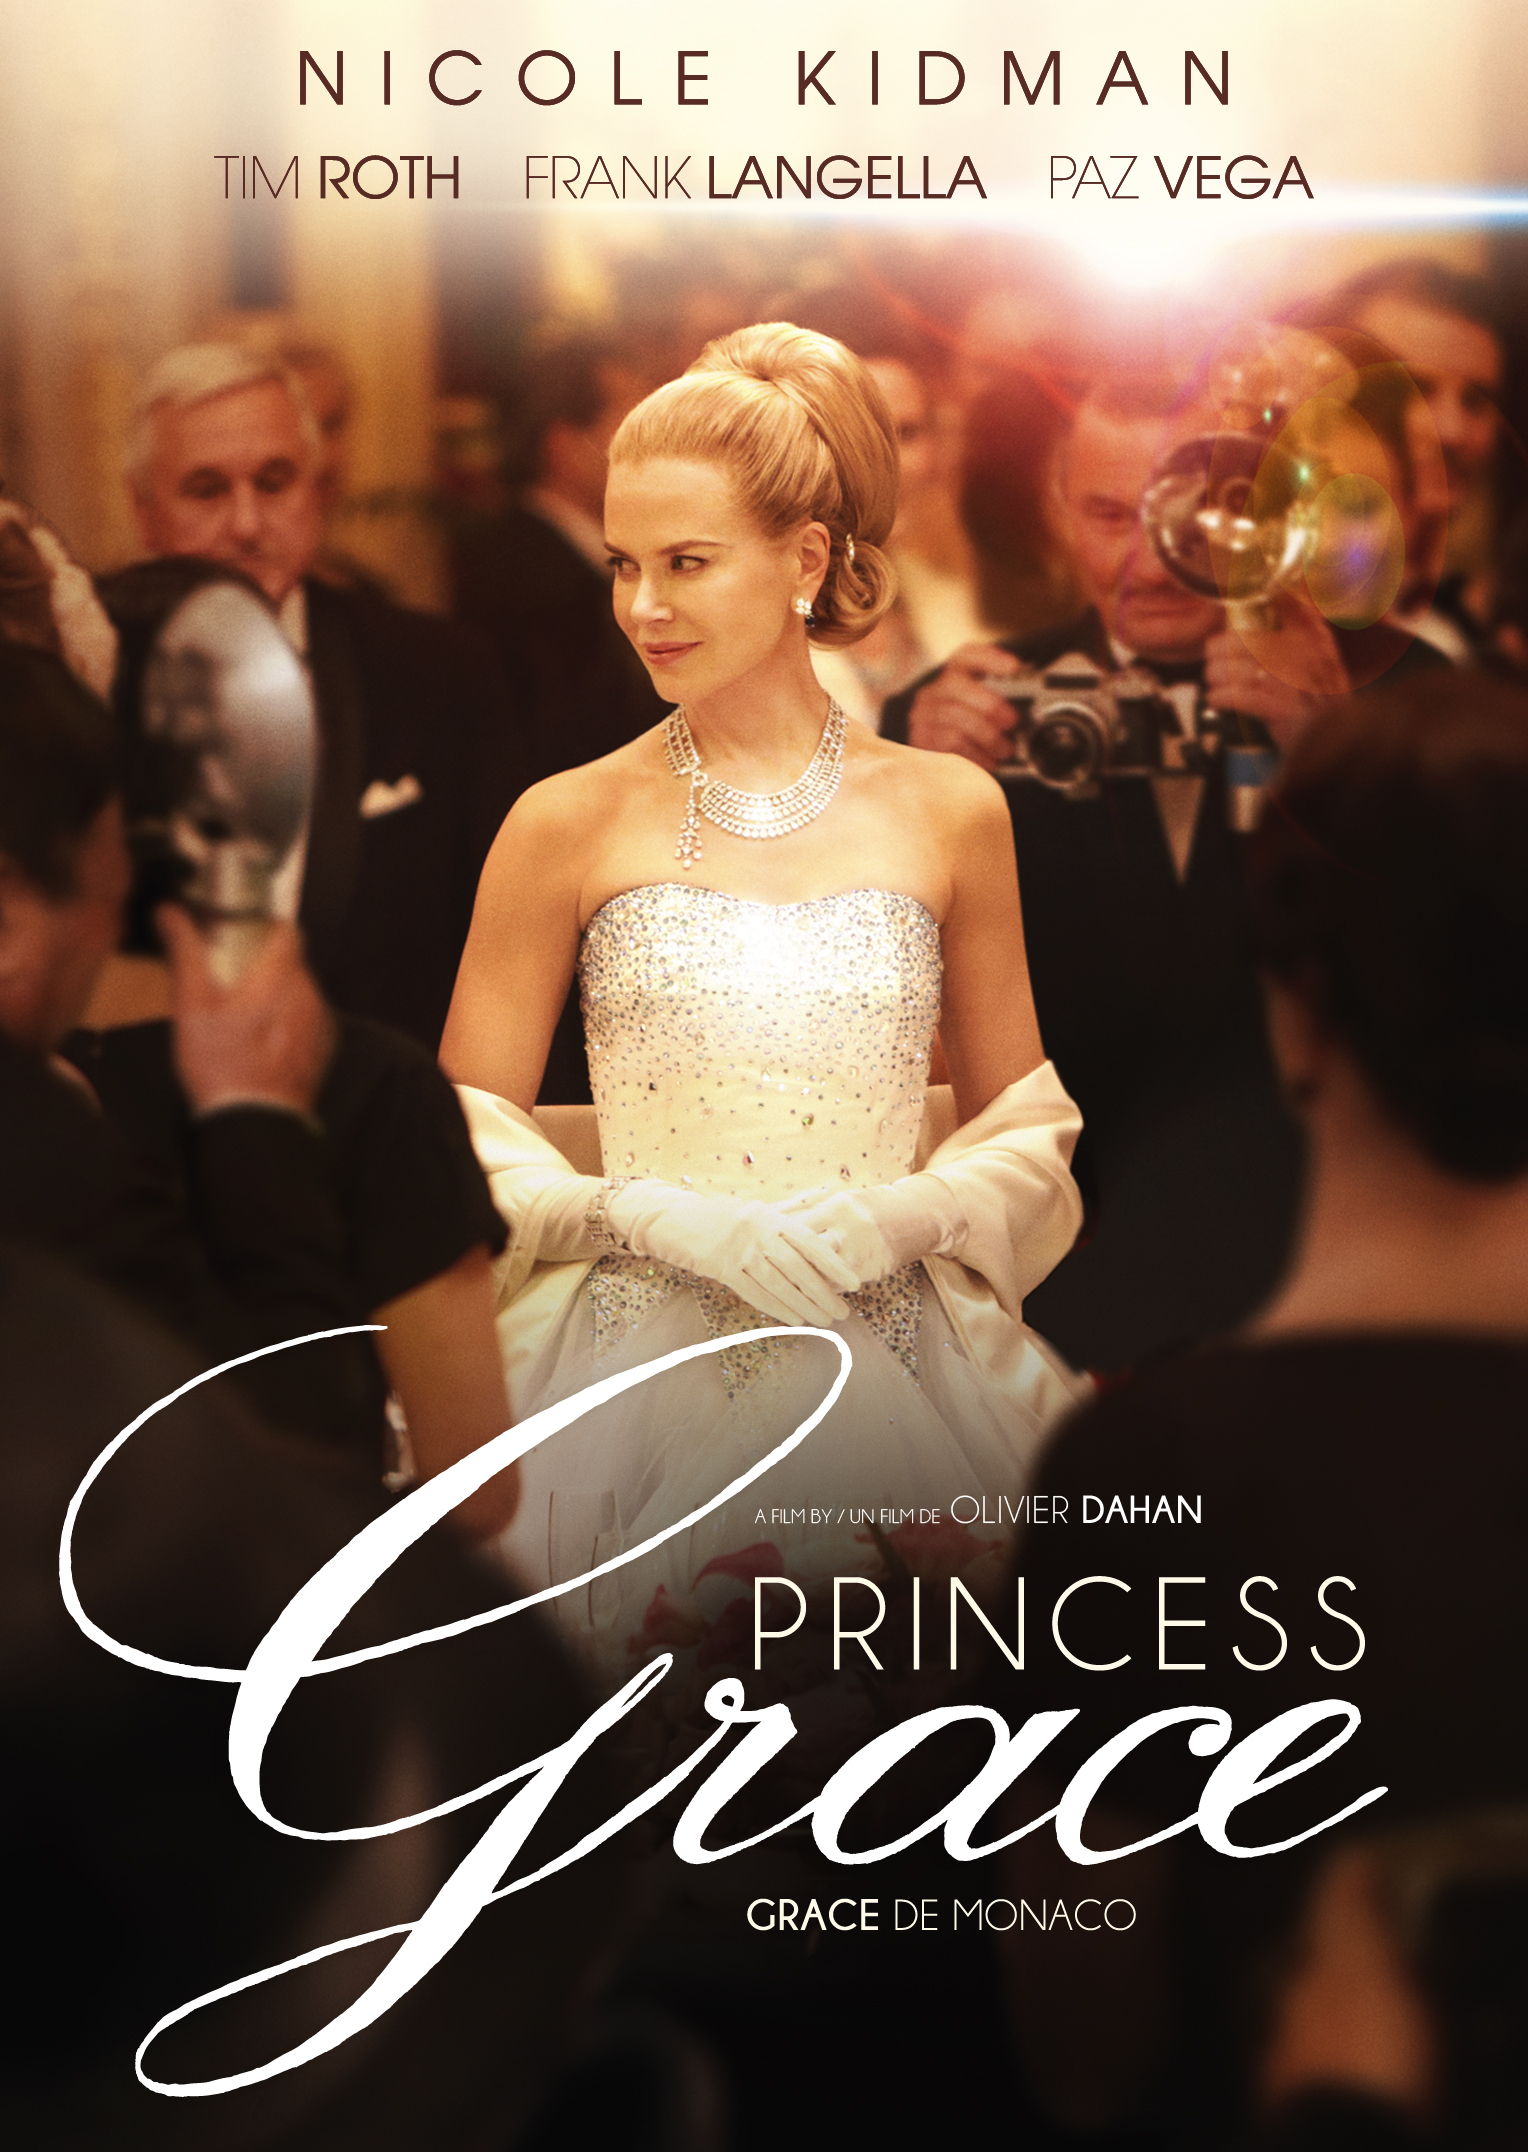 Princess-Grace-Movie-Poster.jpg